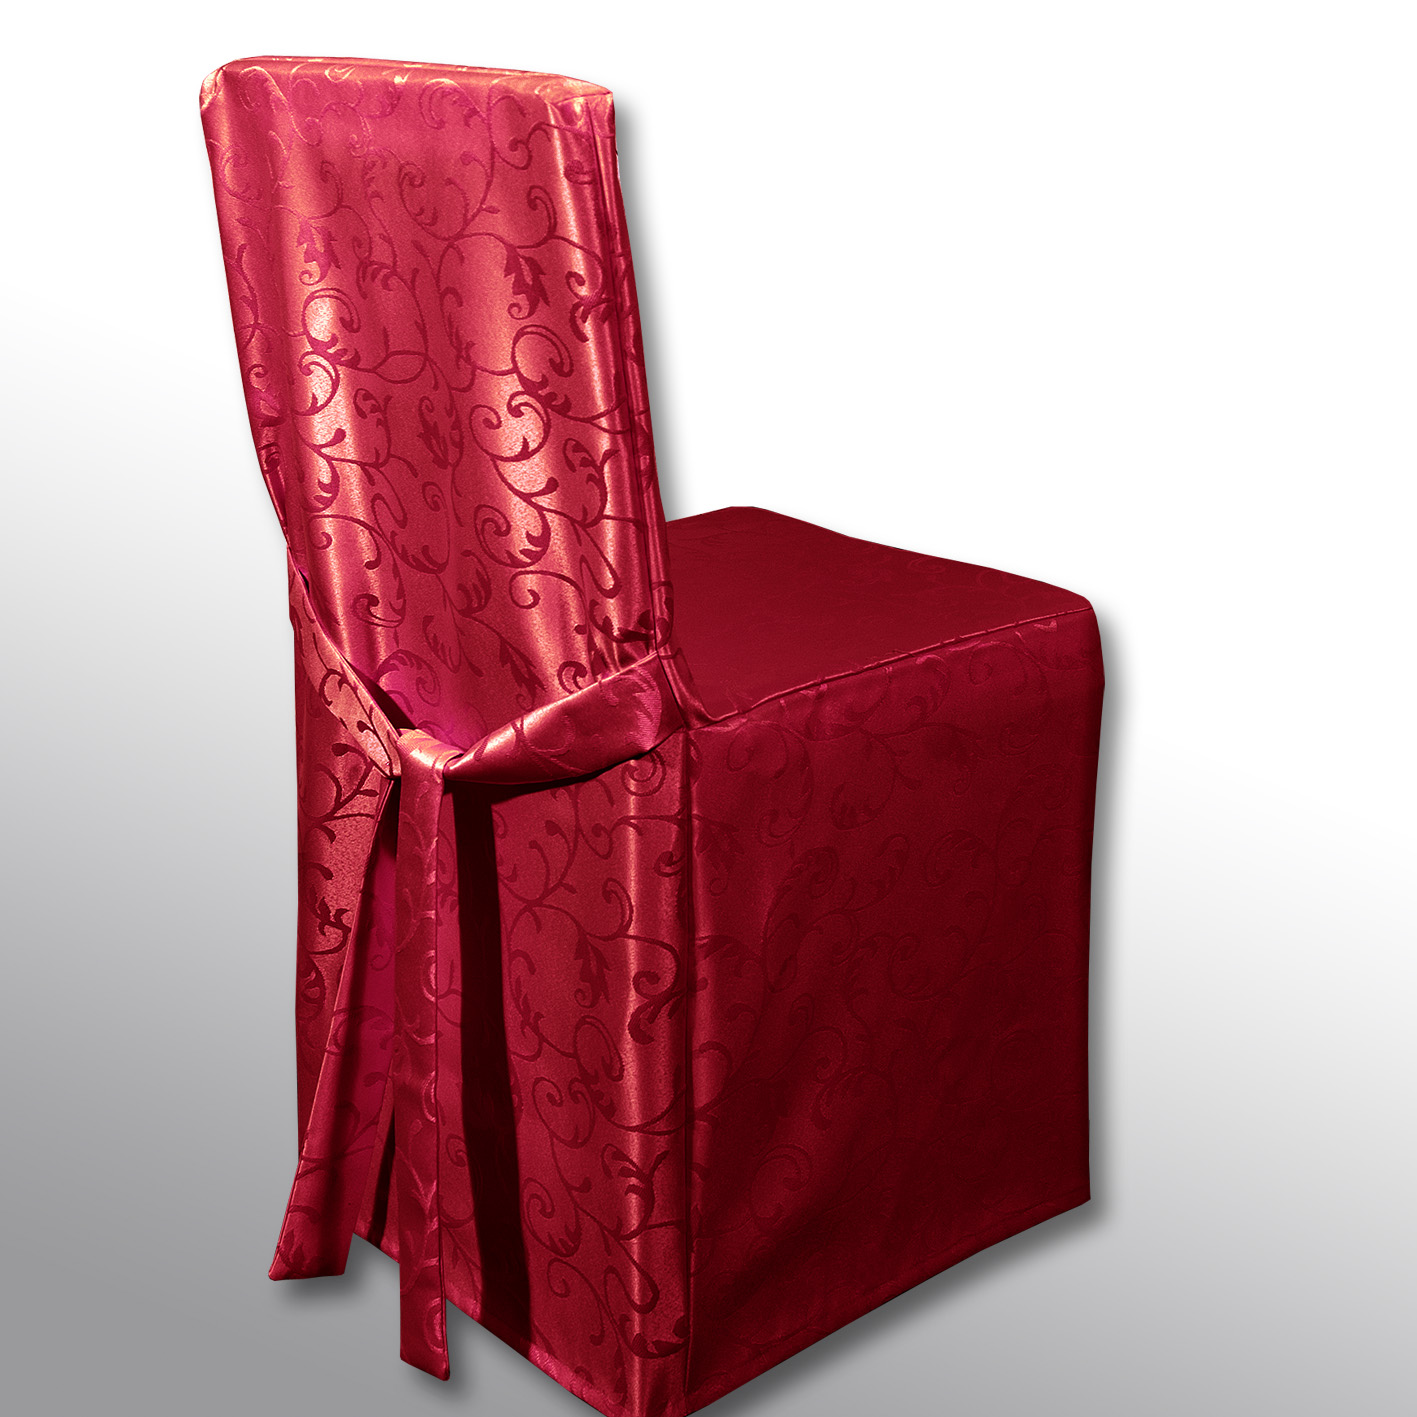 Чехол на стул Schaefer, цвет: красный, 45 х 45 х 45 см стул тонар ср 450 19 с со спинкой